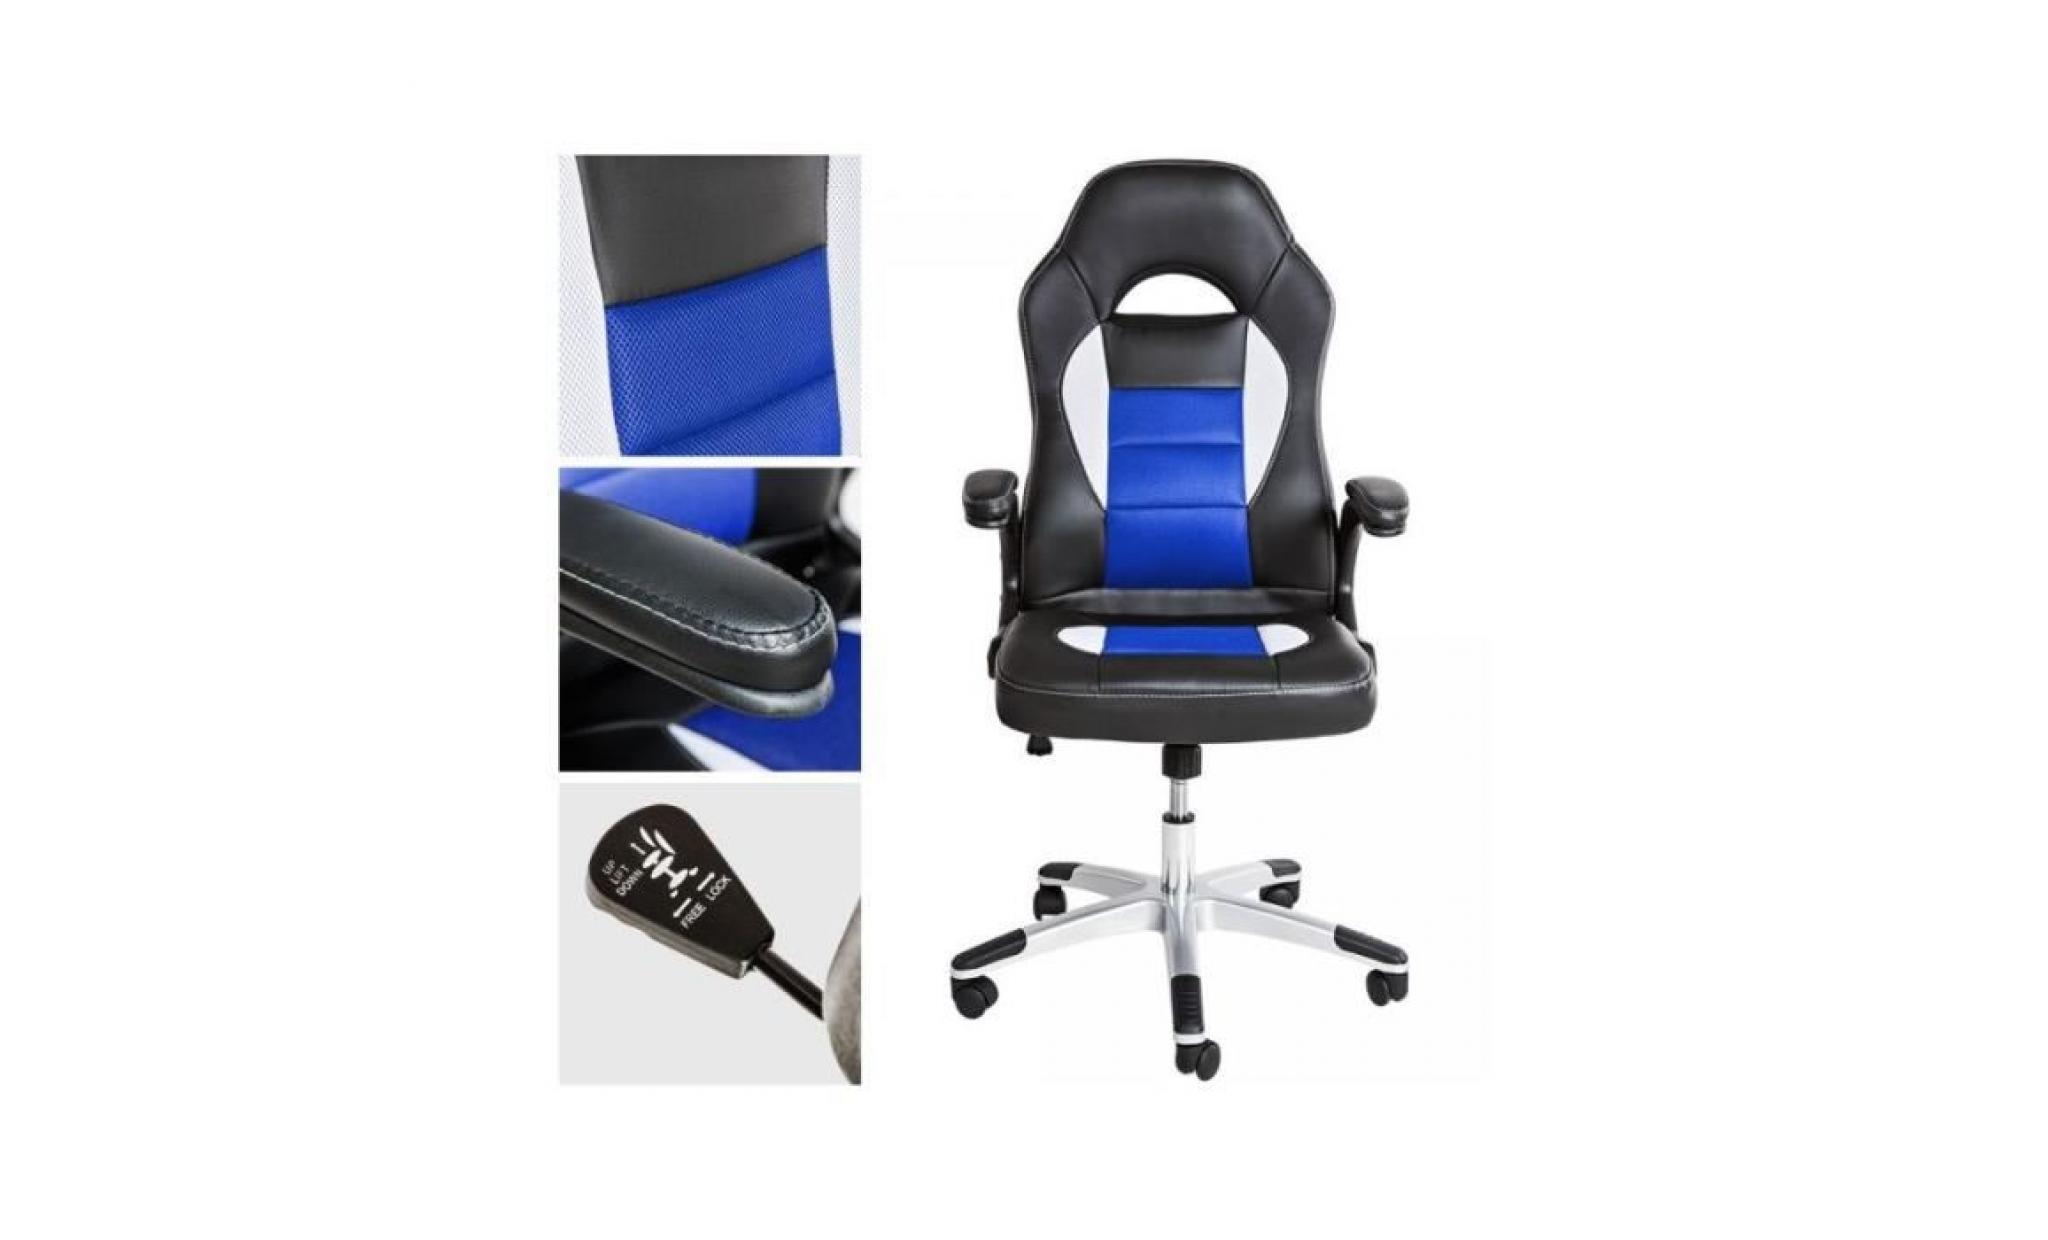 fauteuil chaise de bureau sport ergonomique 0508017 achat vente fauteuil de bureau pas cher. Black Bedroom Furniture Sets. Home Design Ideas